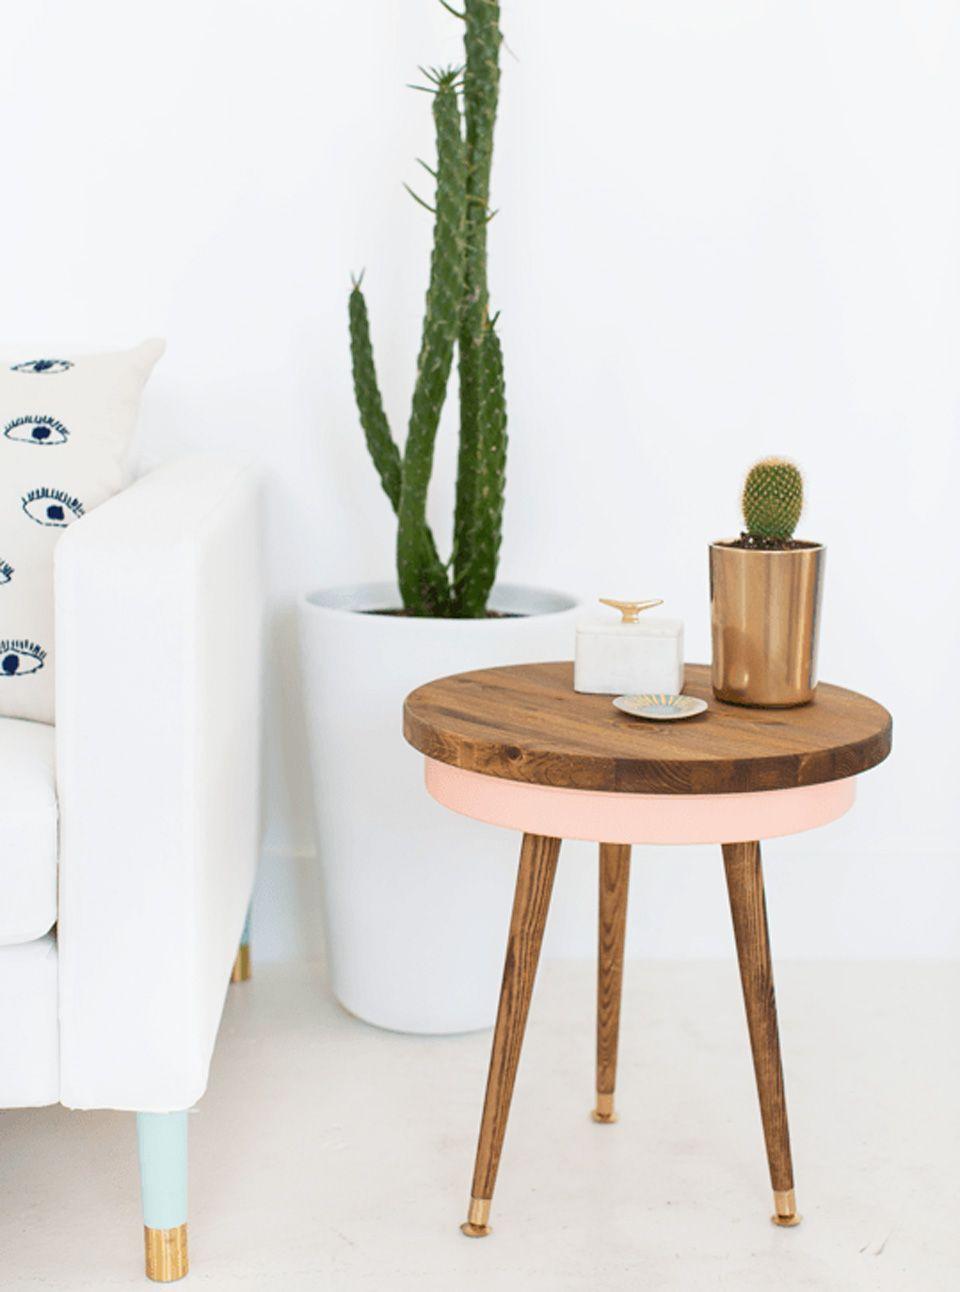 8 id es diy pour la d co de votre chambre diy pinterest deco mobilier de salon et maison - Diy deco salon ...